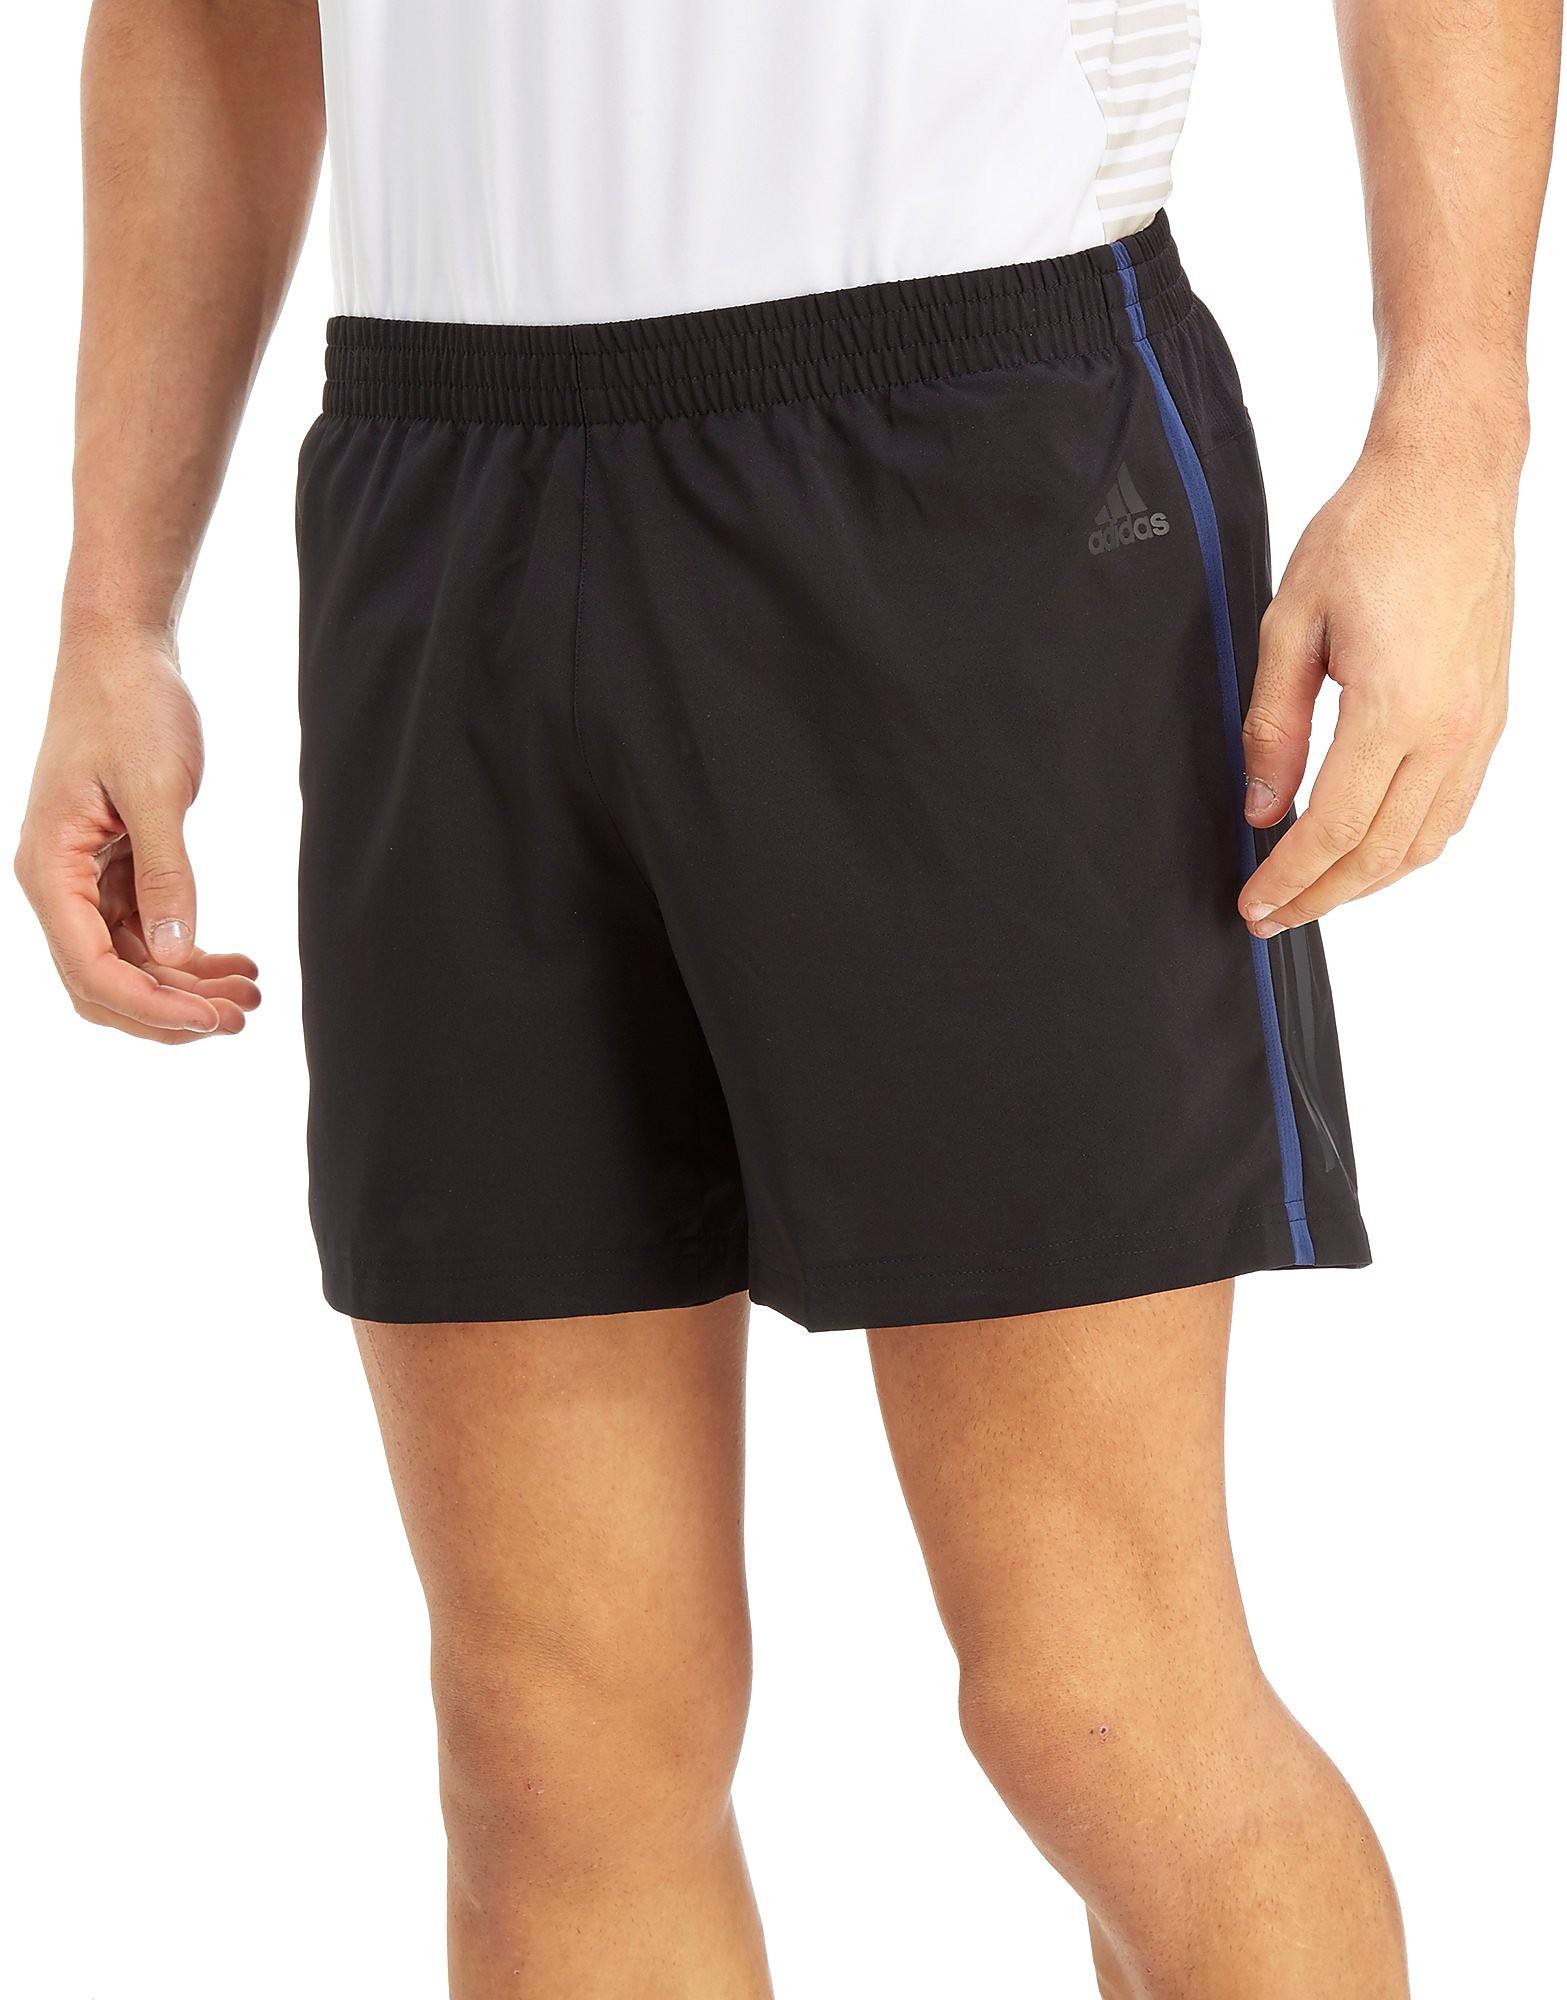 adidas Response 7 inch Shorts